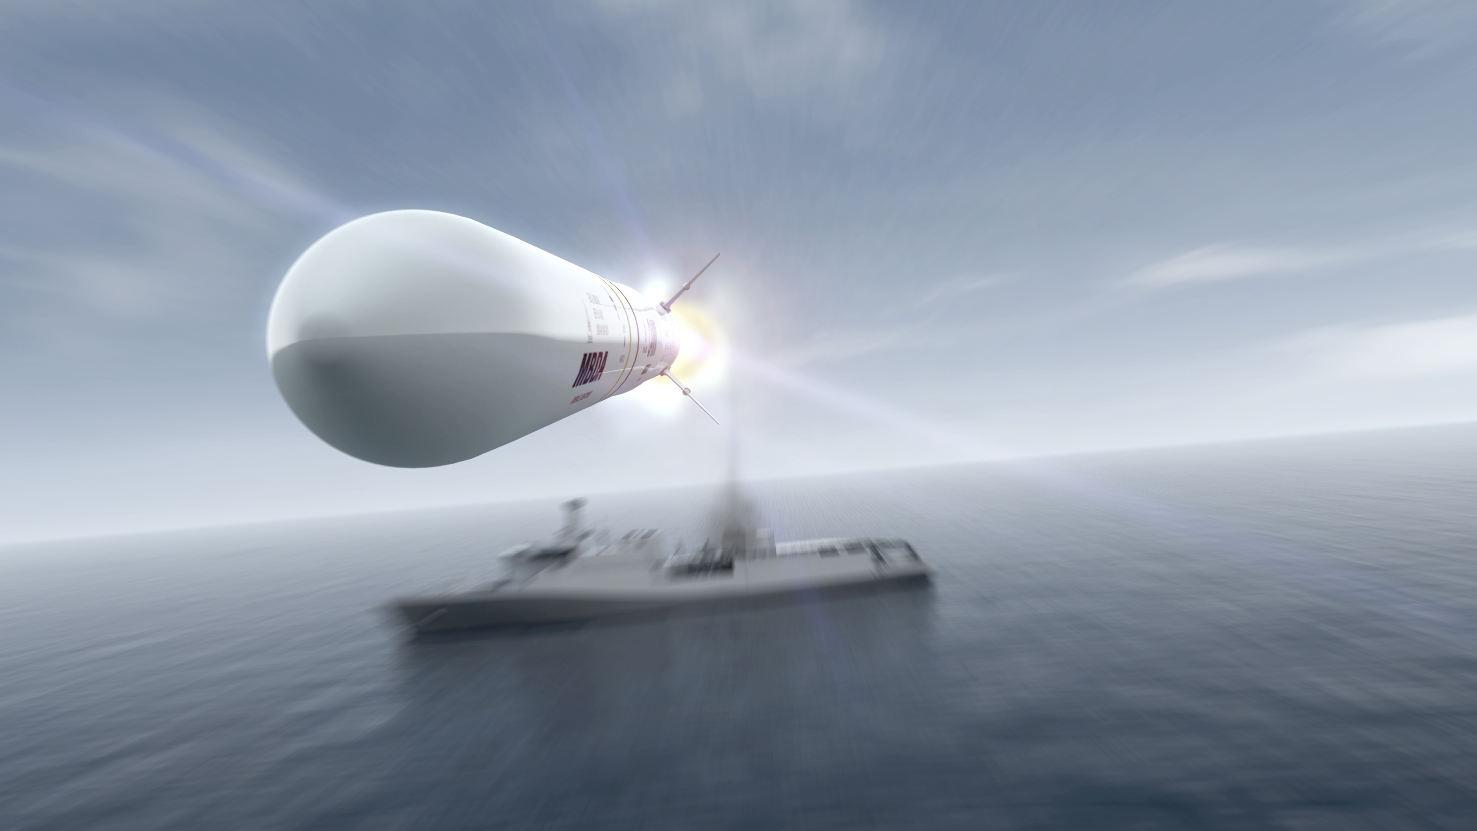 MBDA fournira ses missiles CAMM aux forces armées britanniques